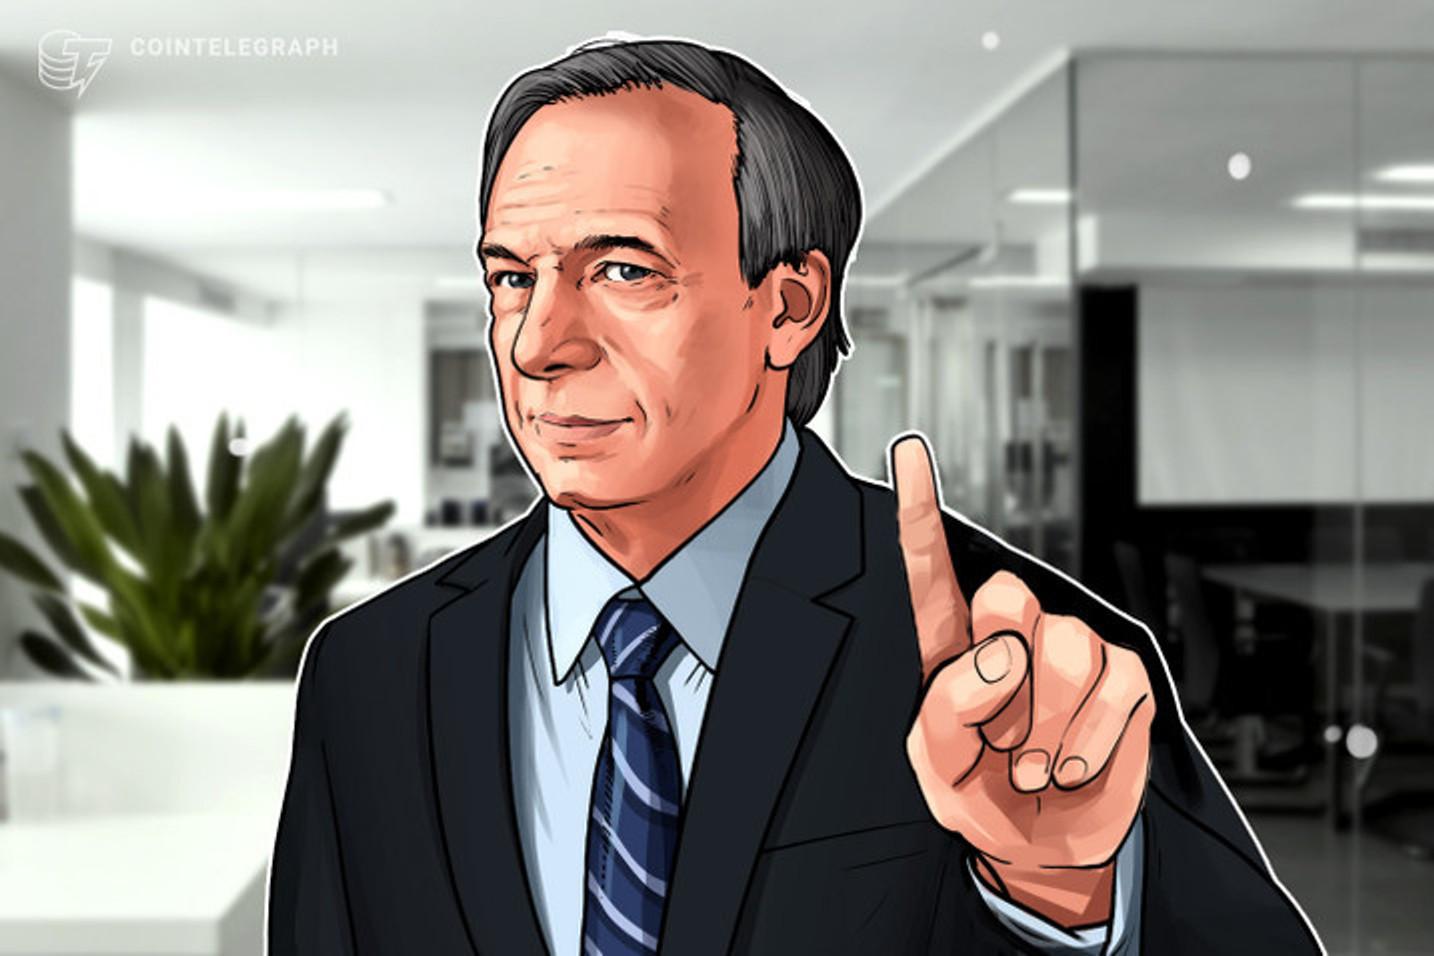 カリスマに焦り?仮想通貨ビットコイン 「何か見落としているかもしれない」レイ・ダリオも改宗間近か